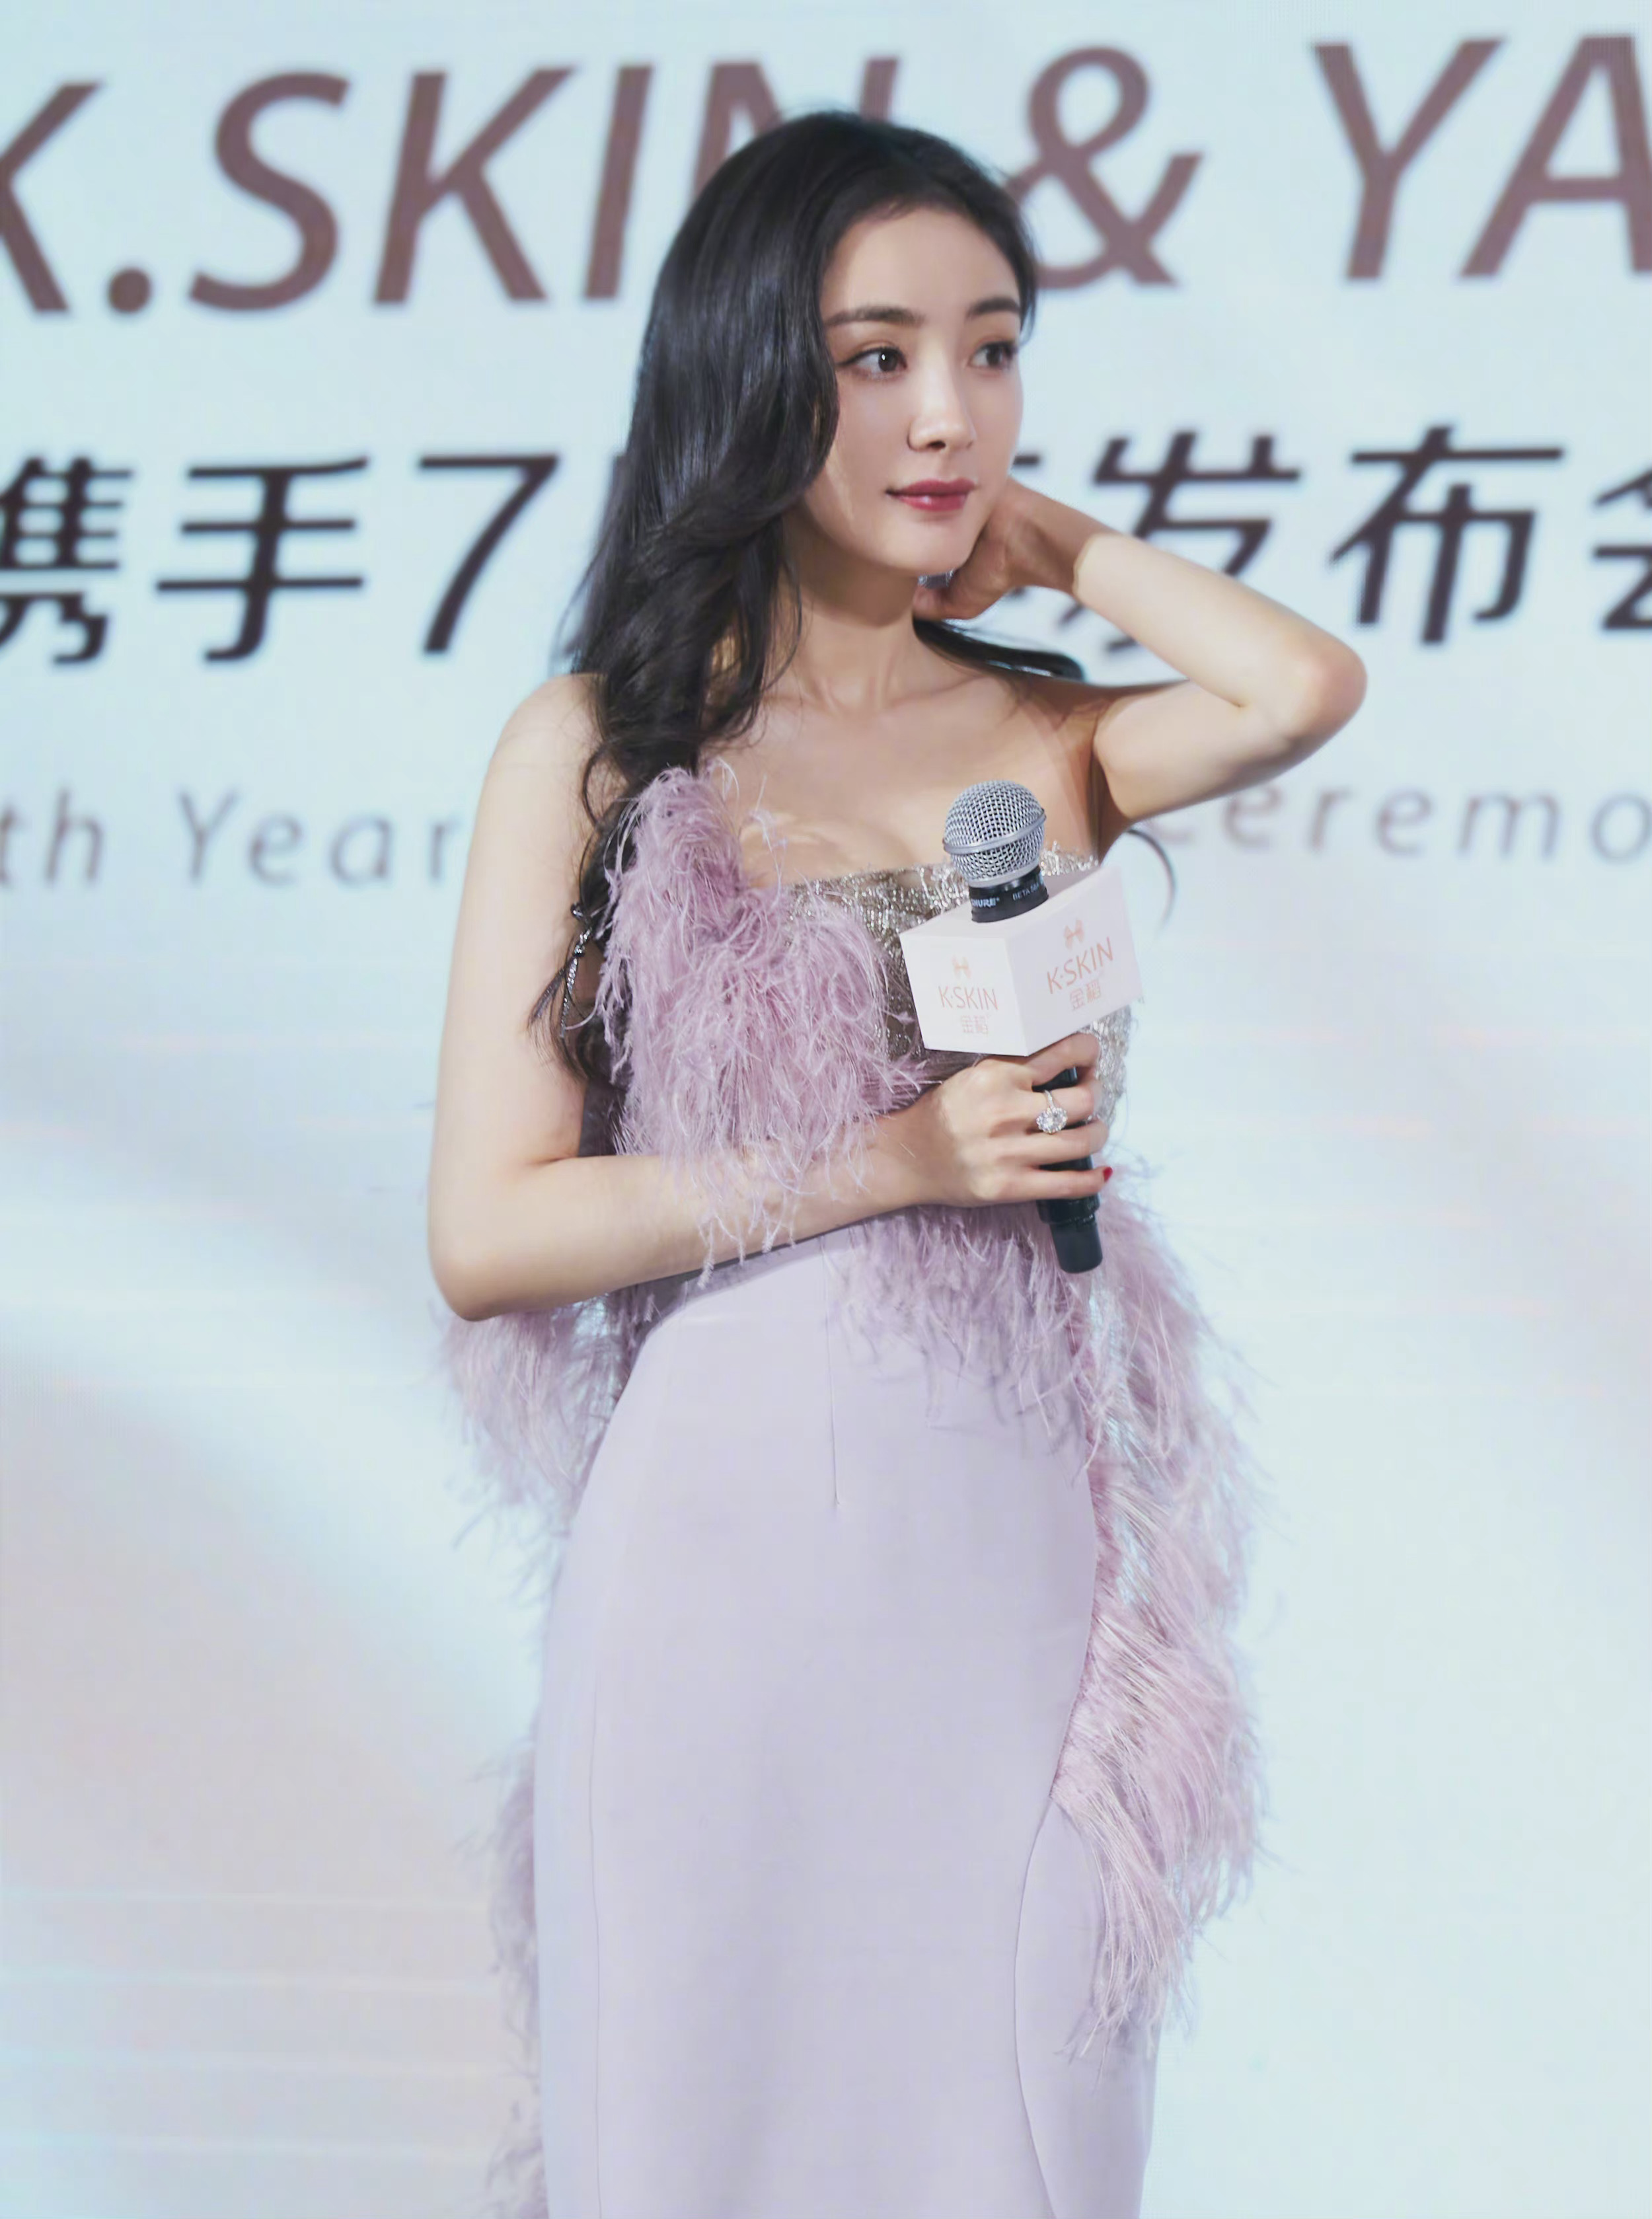 """Dương Mịch lao vào cuộc đua đồ cao cấp, đổi stylist để """"lấy le"""" diện đồ Haute Couture đi sự kiện nhưng vẫn bị dân tình chê bai - Ảnh 7."""